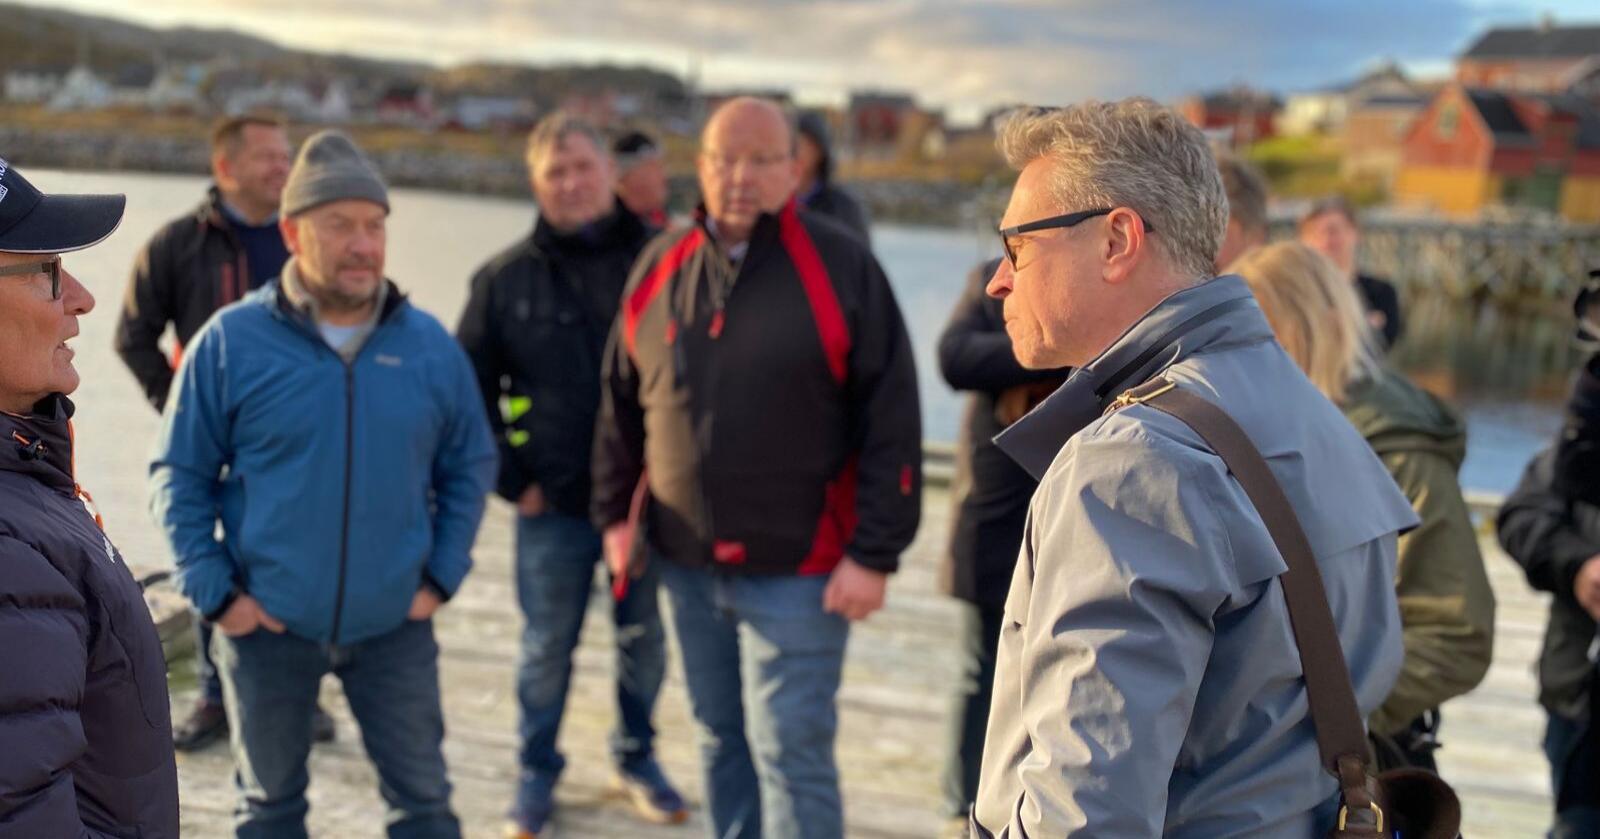 Fiskeri- og sjømatminister Odd Emil Ingebrigtsen avviser bastant EUs krav om å gi EU fiskekvoter ved Svalbard-sonen og i norsk økonomisk sone, i bytte mot fiskekvoter. Han mener samtidig at EØS-avtalens sjømatdel bør reforhandles for å gi norsk videreforedlingsindustri bedre konkurransevilkår. Foto: Marine Røysland / Nærings- og fiskeridepartementet.